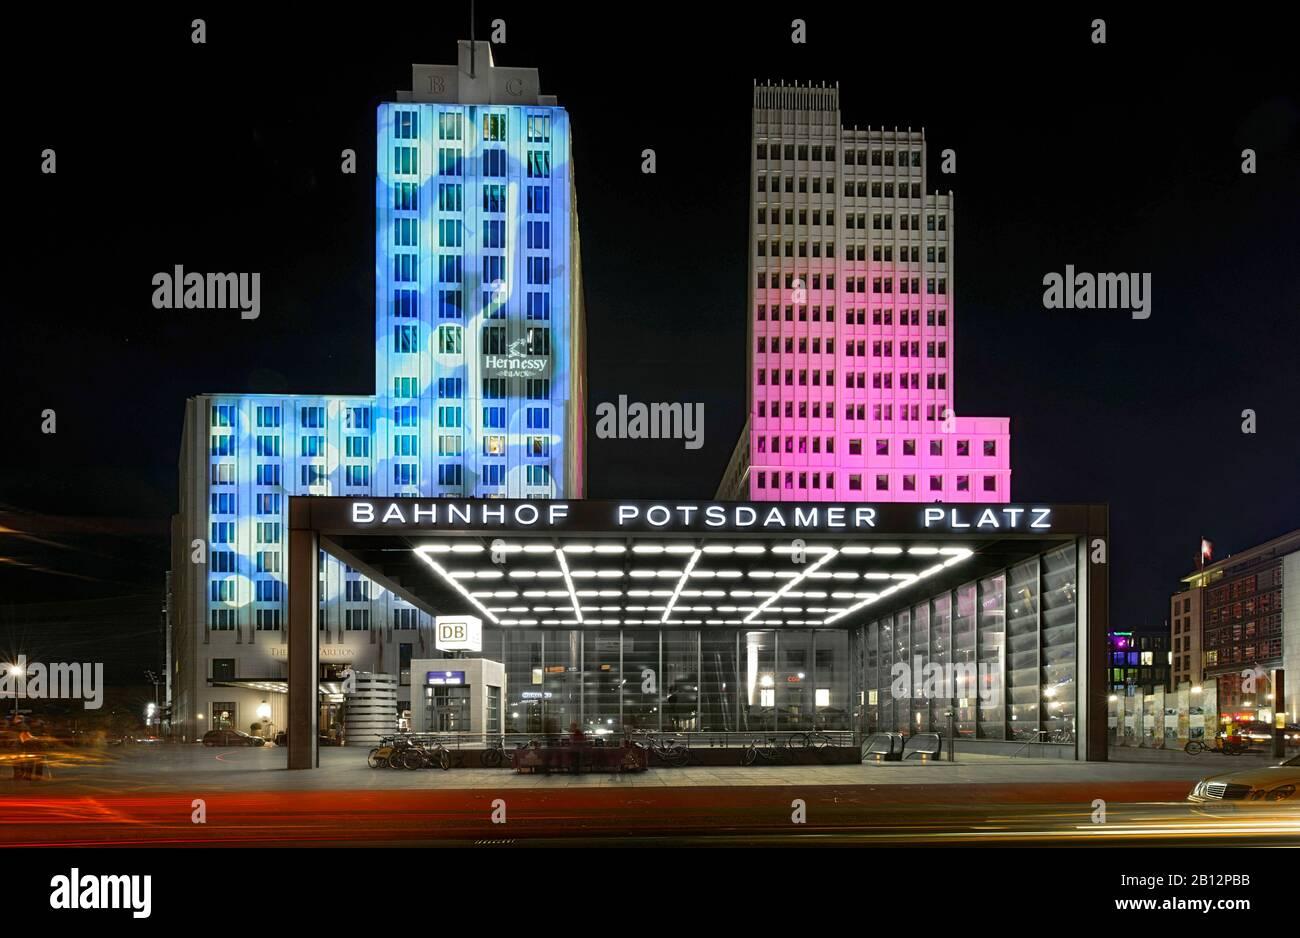 Grattacieli illuminati in Potsdamer Square, Beisheim Centre, Ritz Carlton Hotel, Festival delle luci, Berlin Tiergarten, Berlin, Germany, Europe Foto Stock